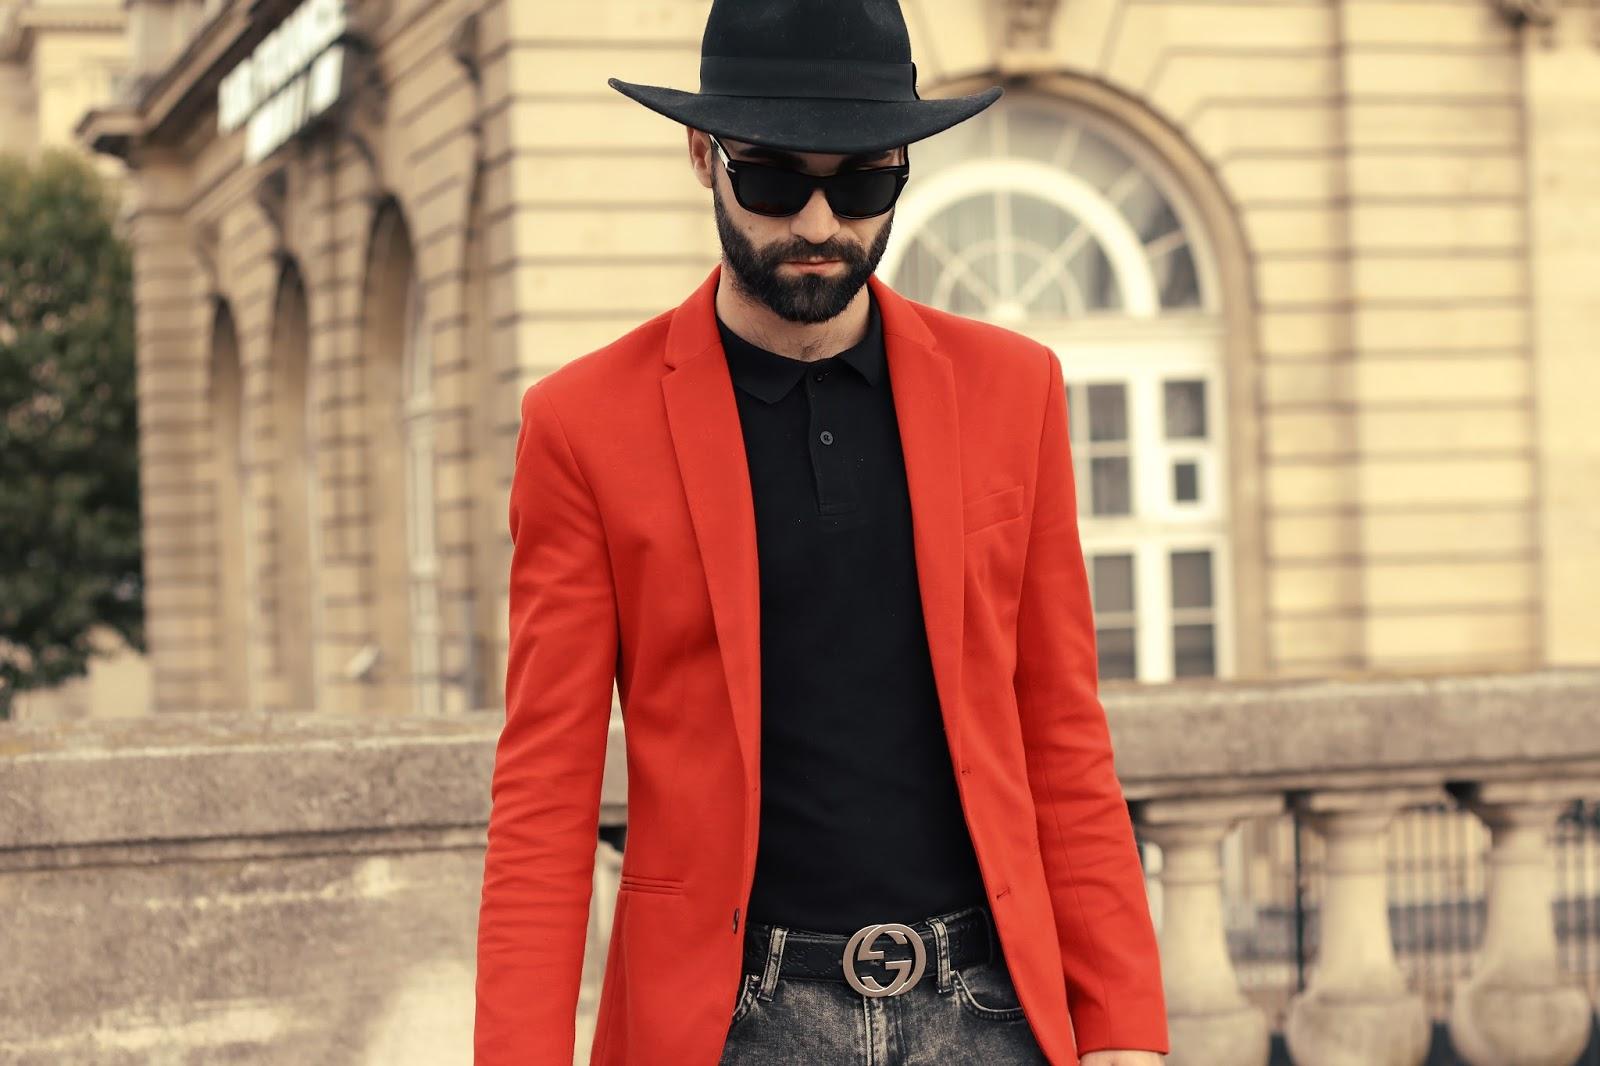 Đánh giá chất lượng thắt lưng Gucci chính hãng có tốt không tại Việt Nam